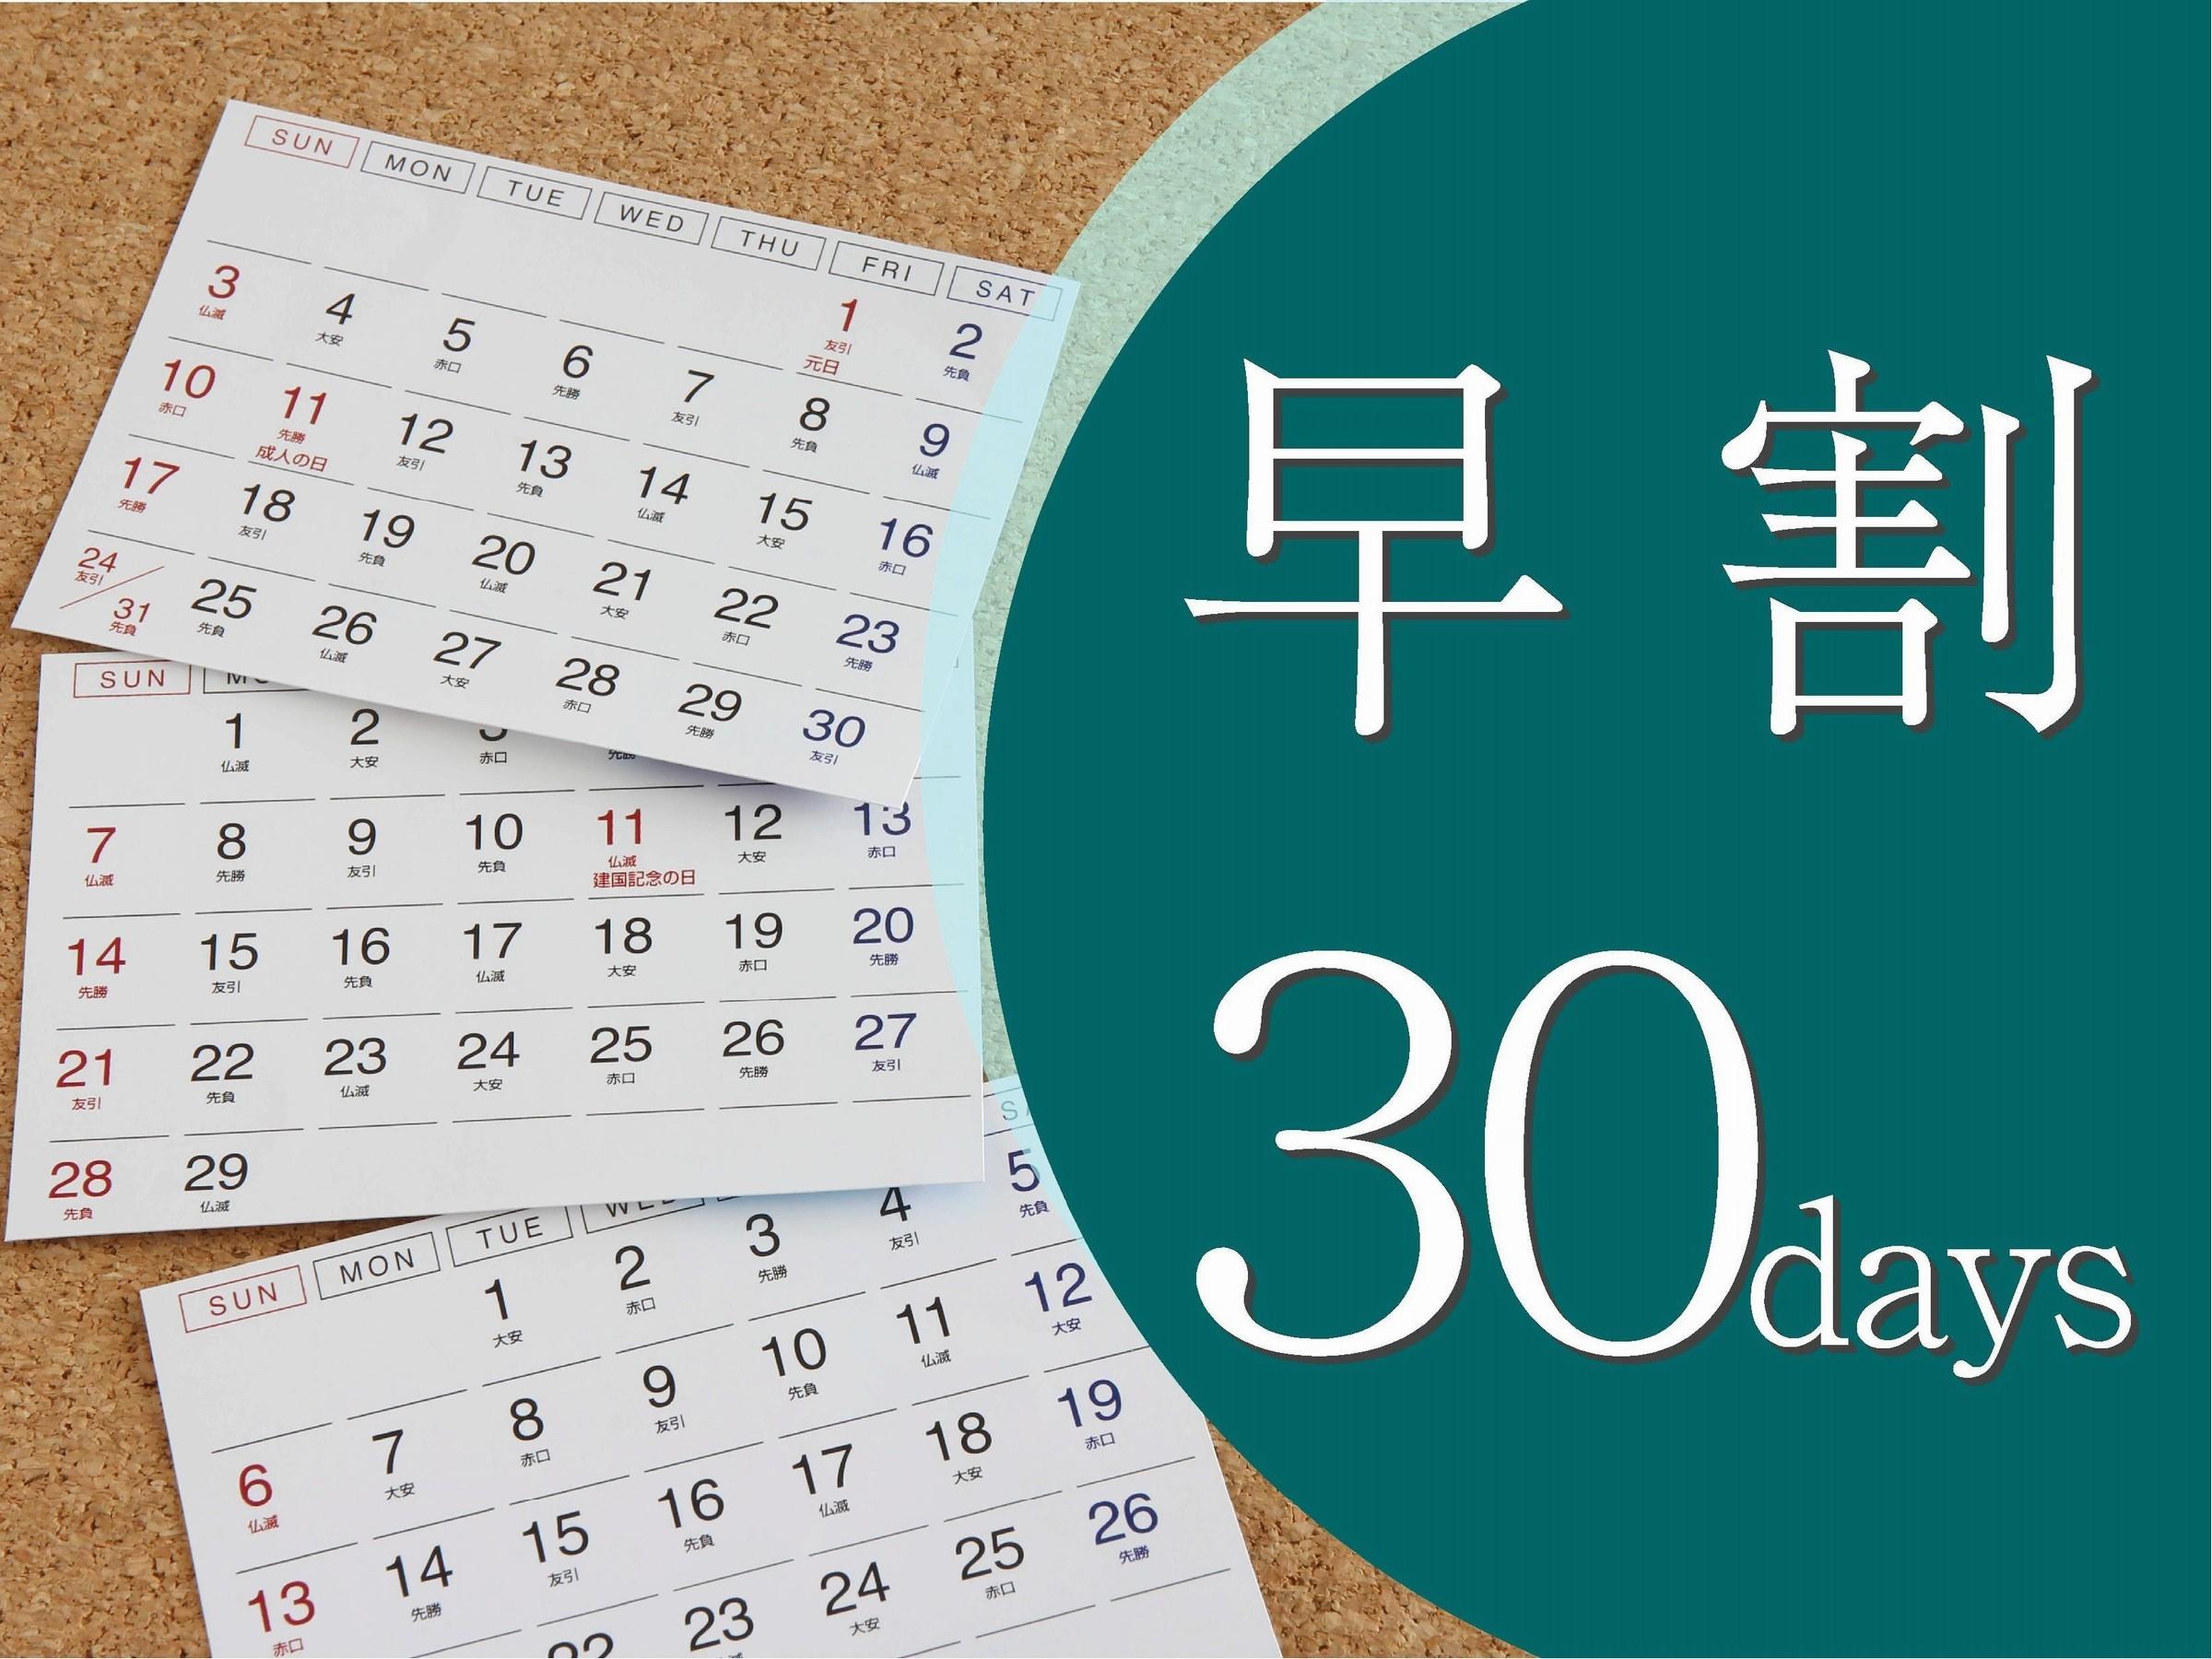 ホテルウィングインターナショナルセレクト東大阪 / 【早割30】早期予約が断然オトク!大阪中心部へのアクセス◎出張・観光の拠点にも!